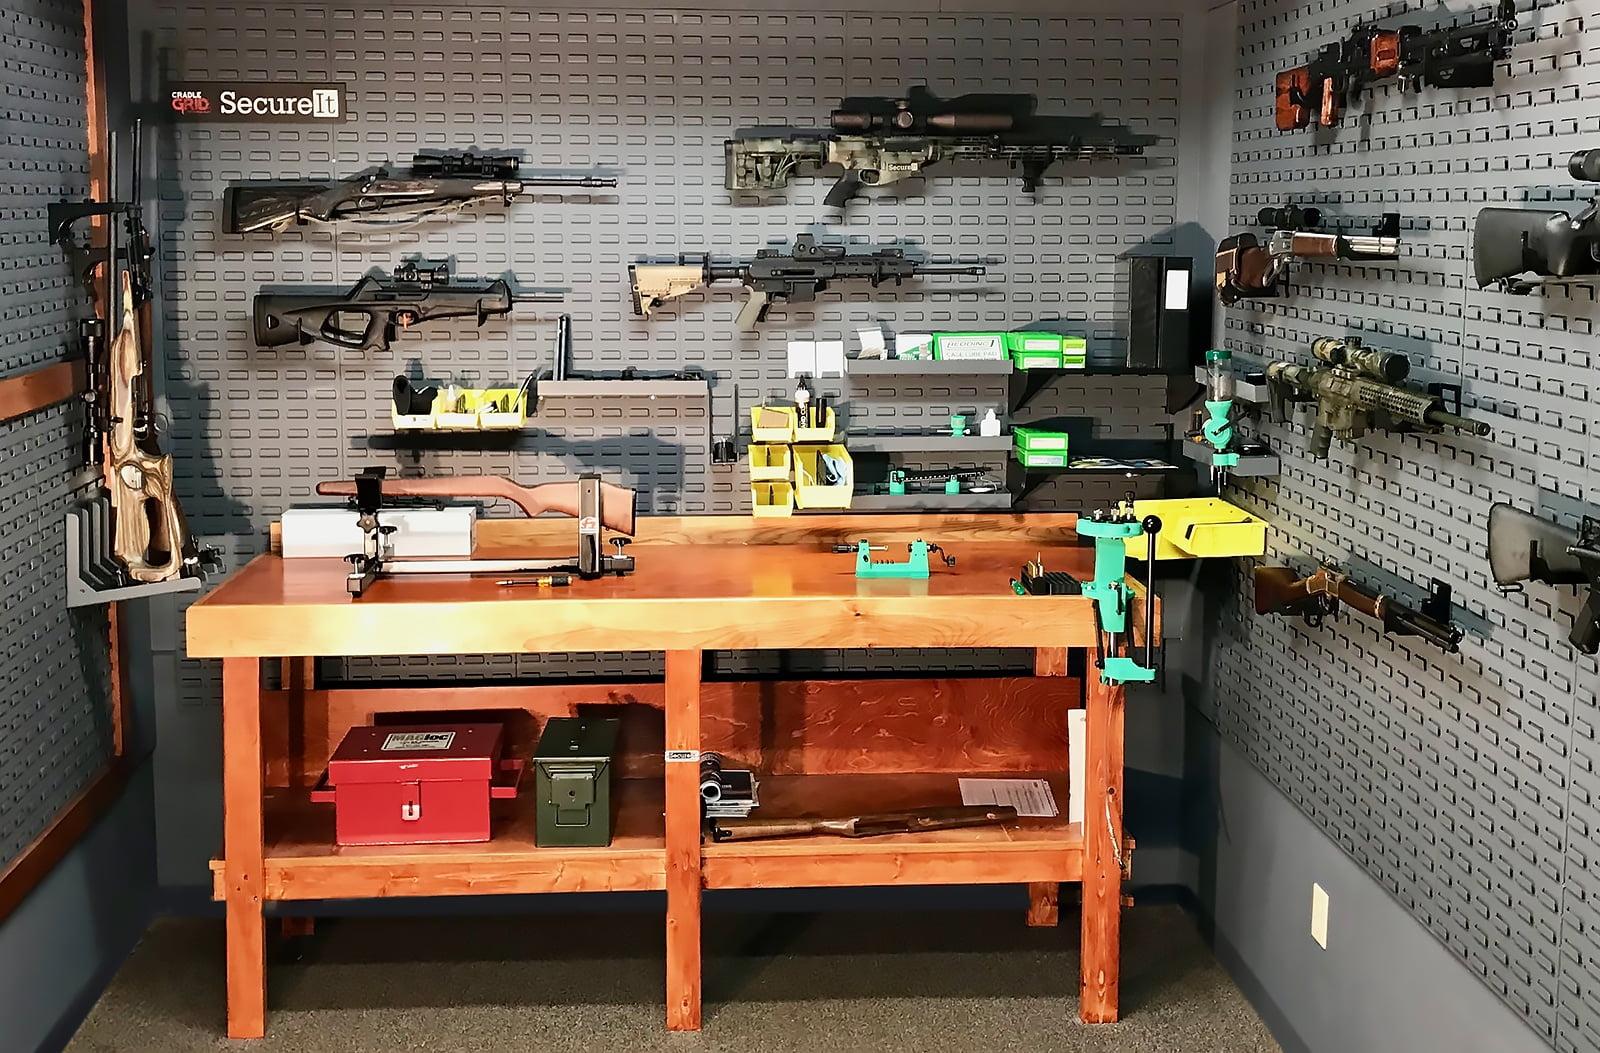 Gunroom Workbench Secureit Gun Storage